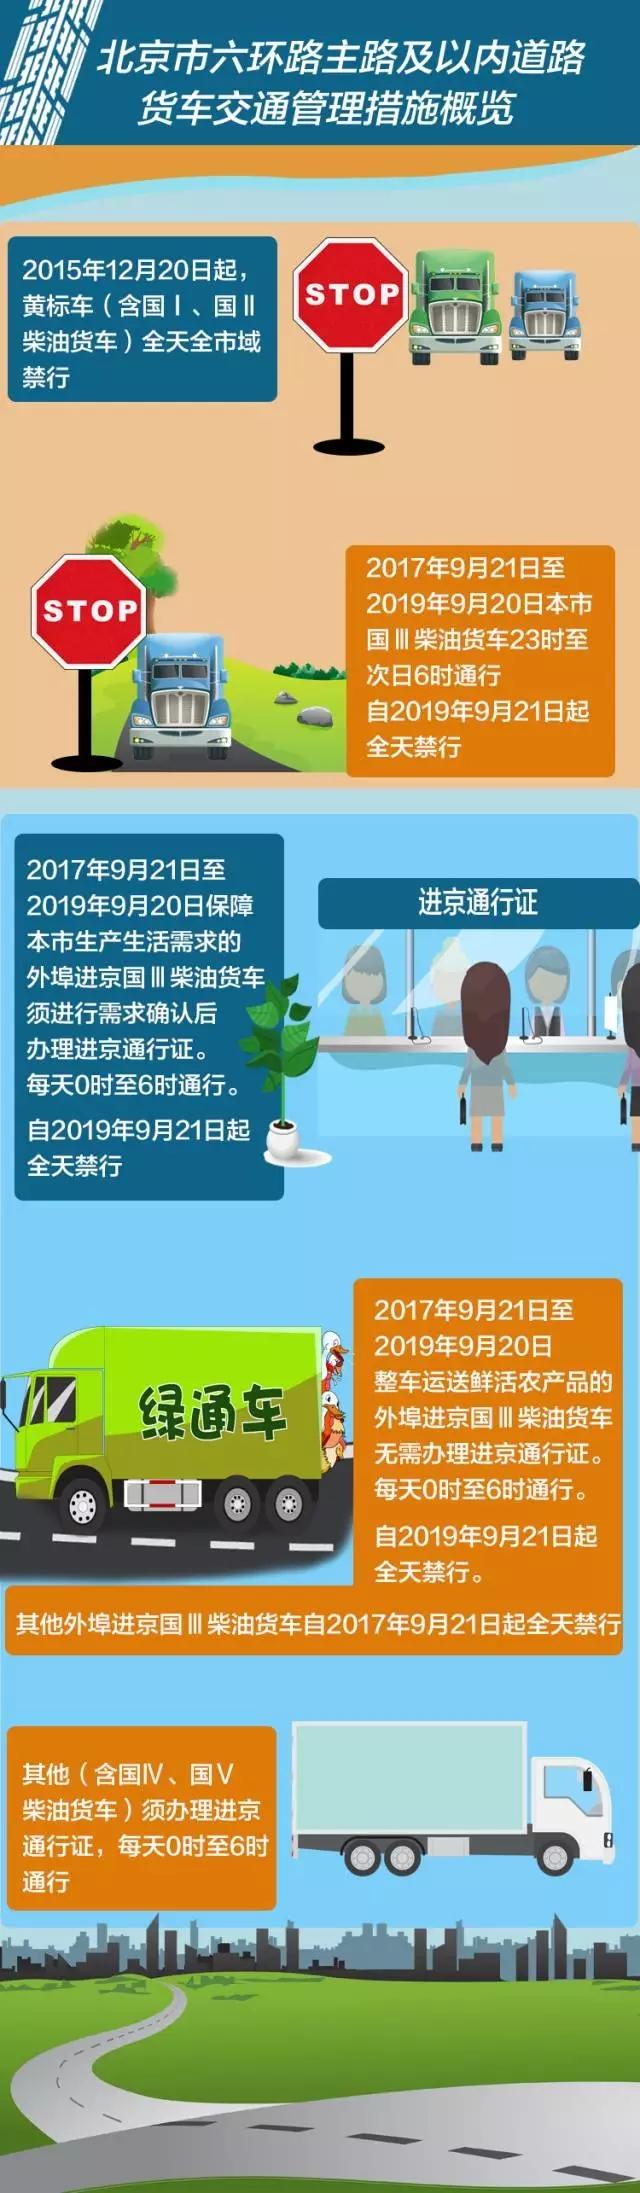 北京市六环路主路及以内道路货车交通管理措施概览